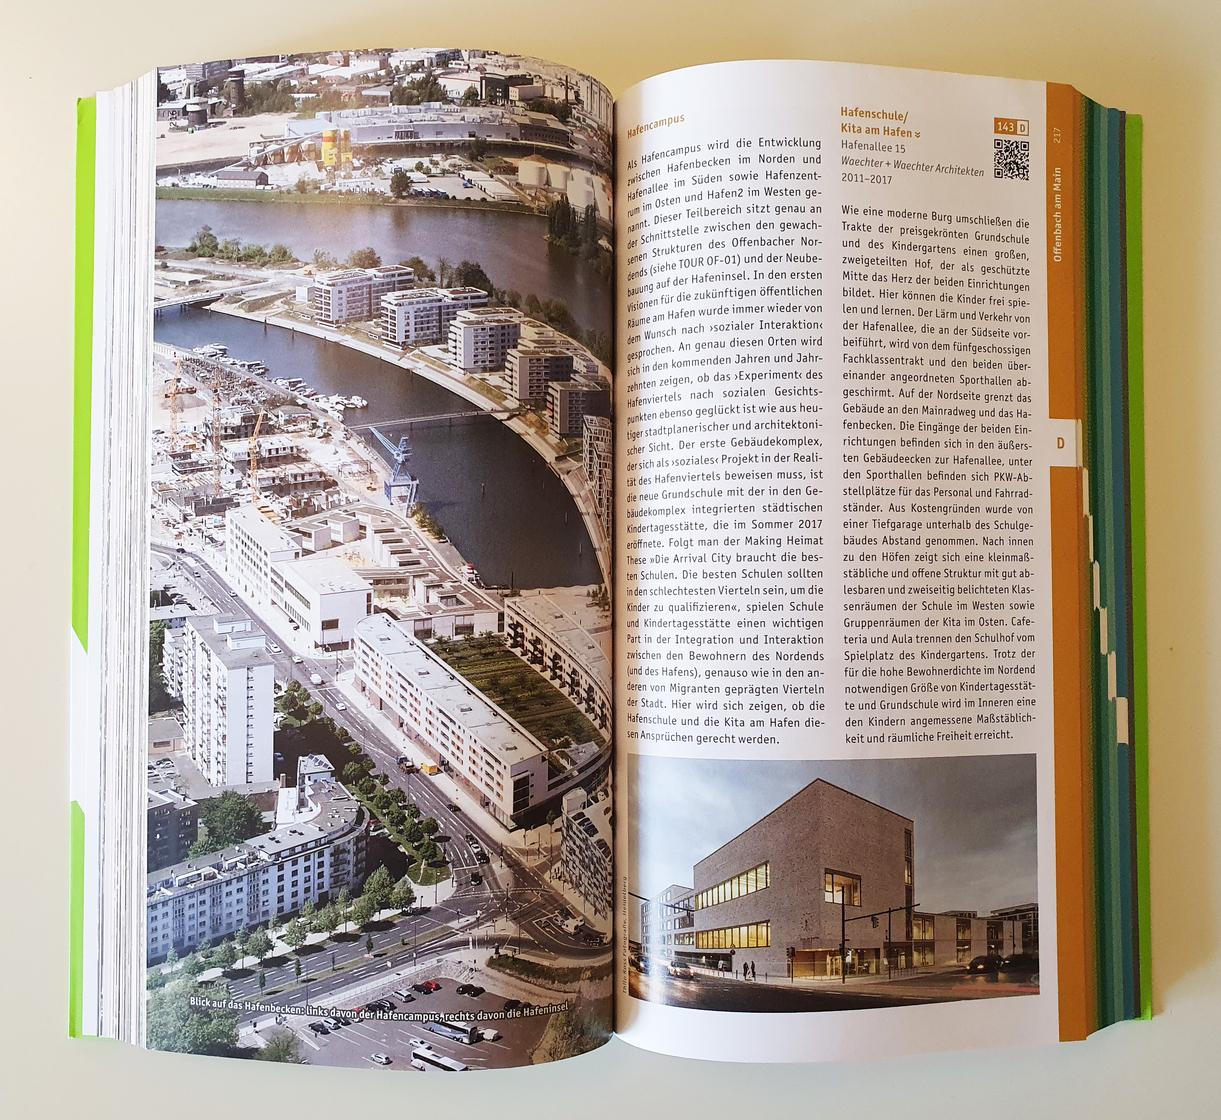 Architekturführer Metropolregion Frankfurt Rhein-Main_Hafenschule Offenbach